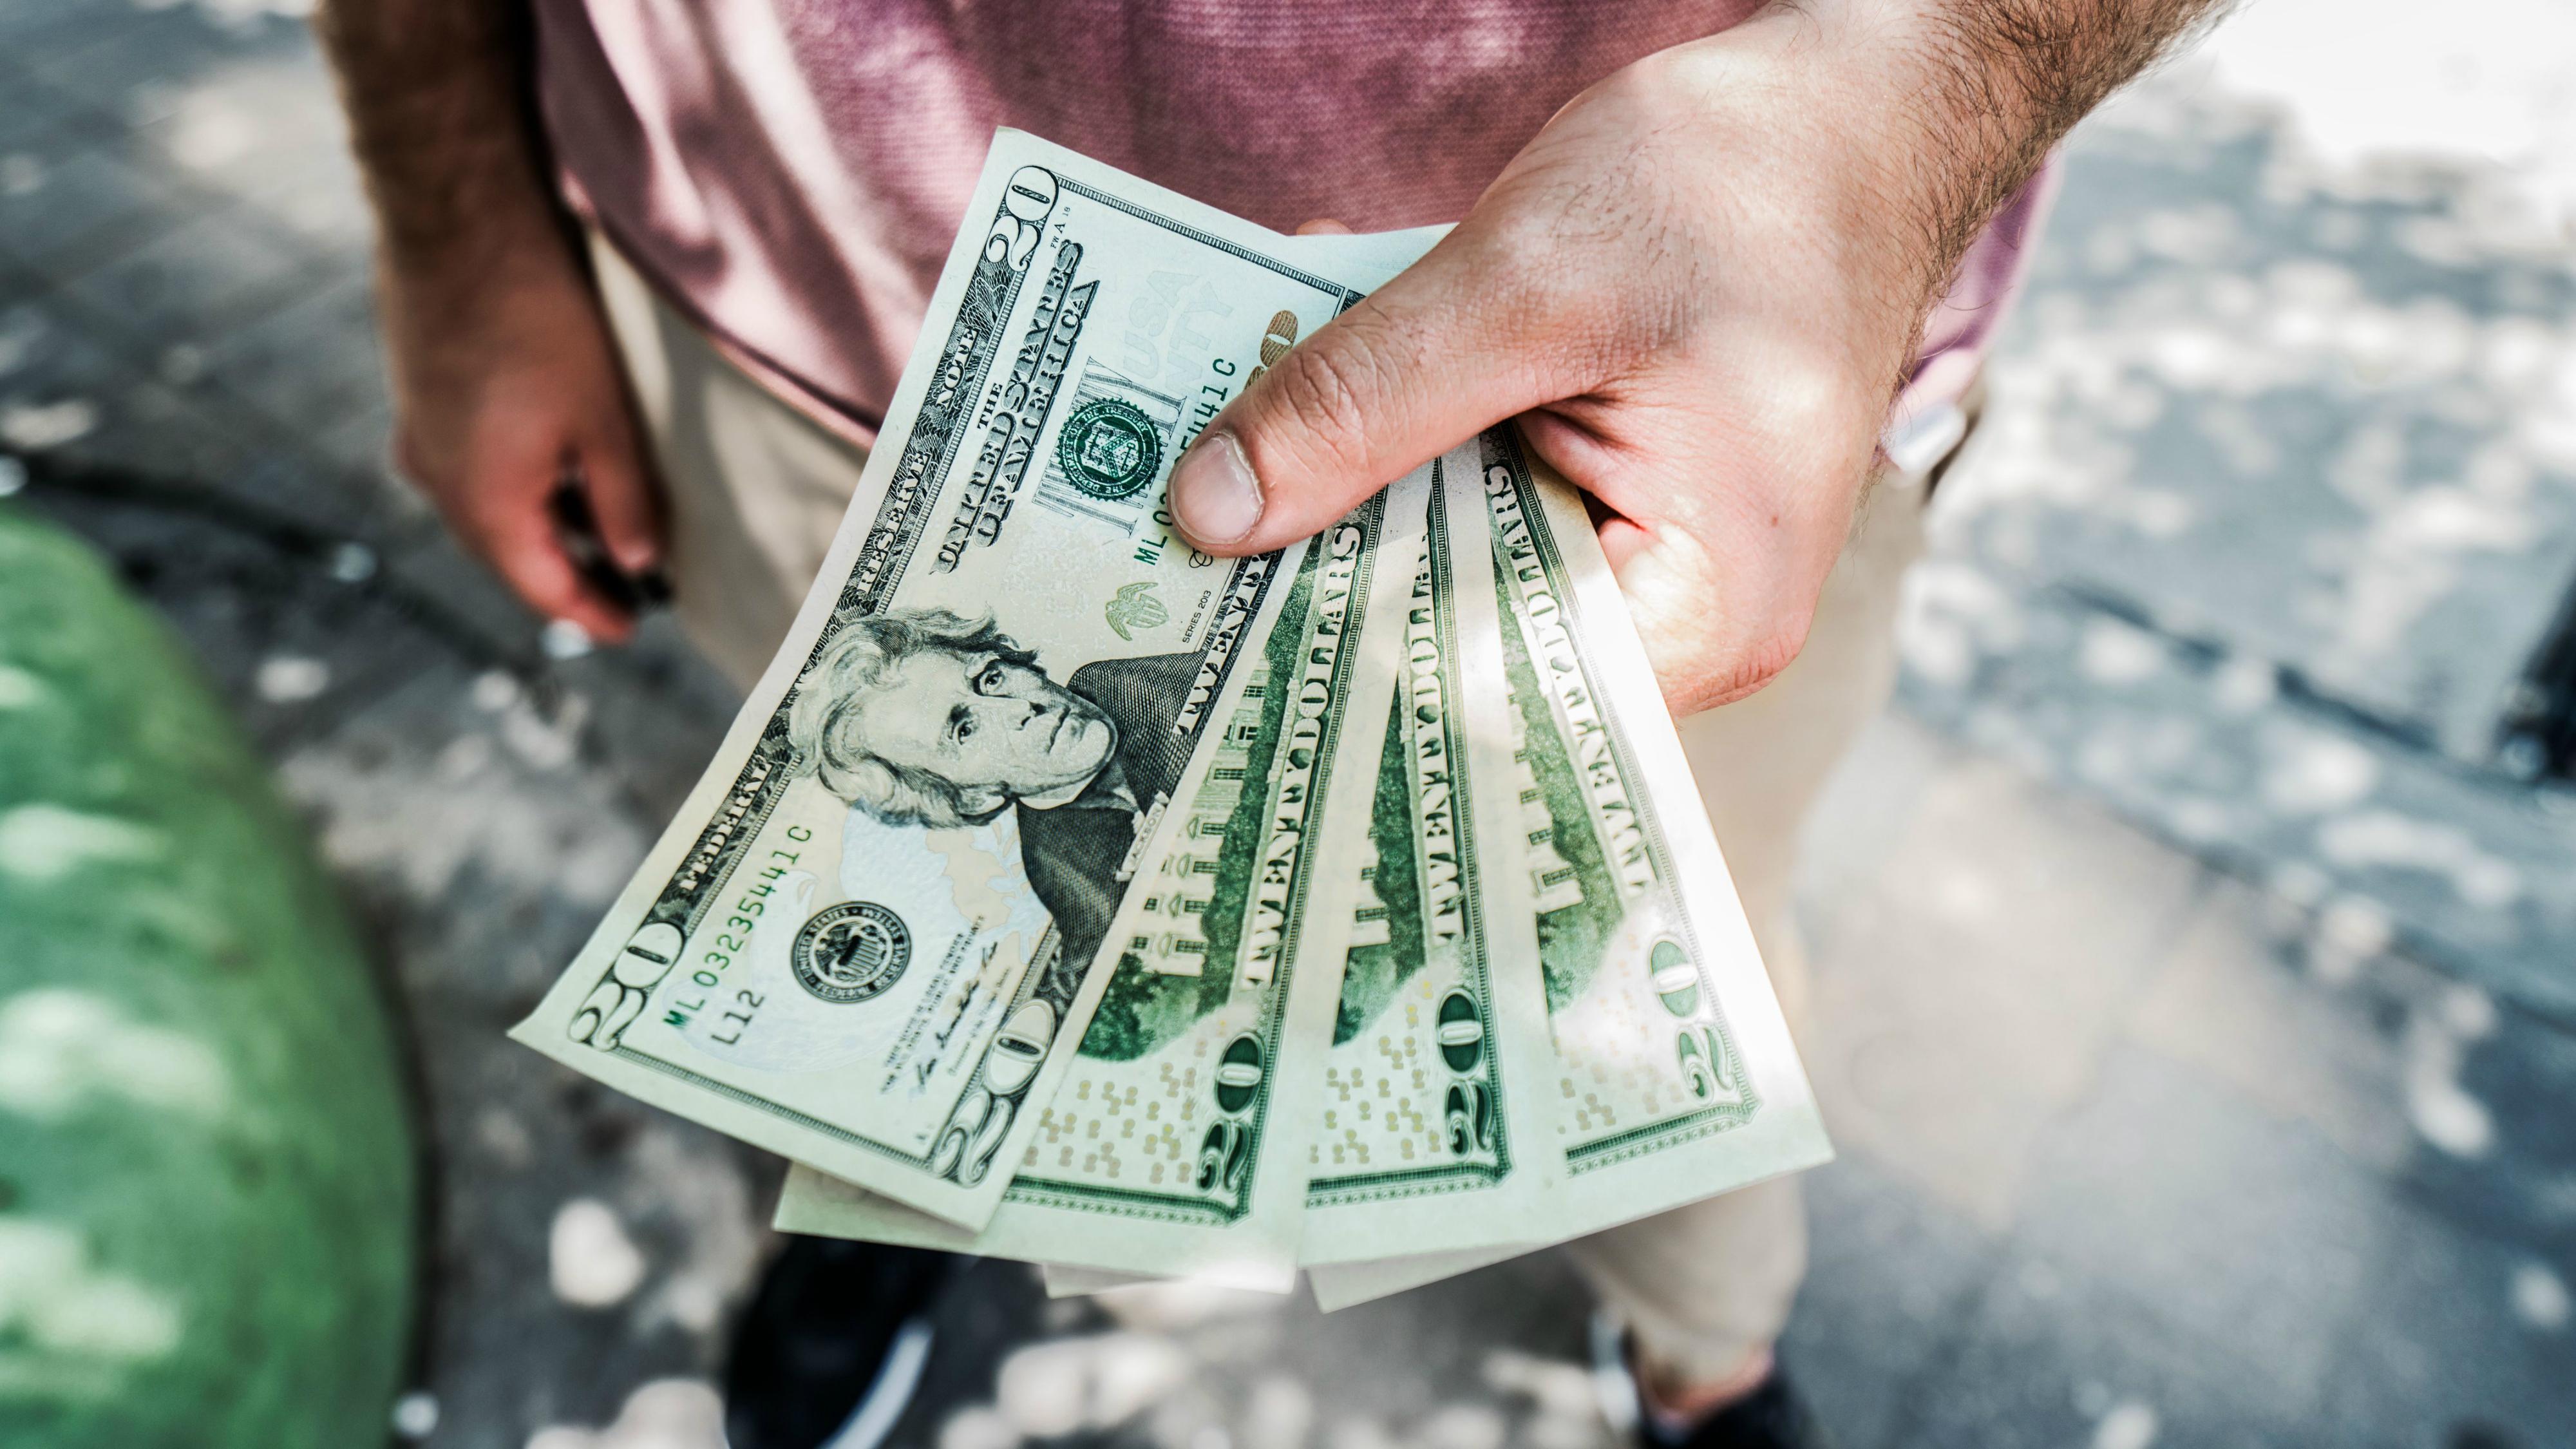 mūsdienīgs veids, kā nopelnīt naudu internetā